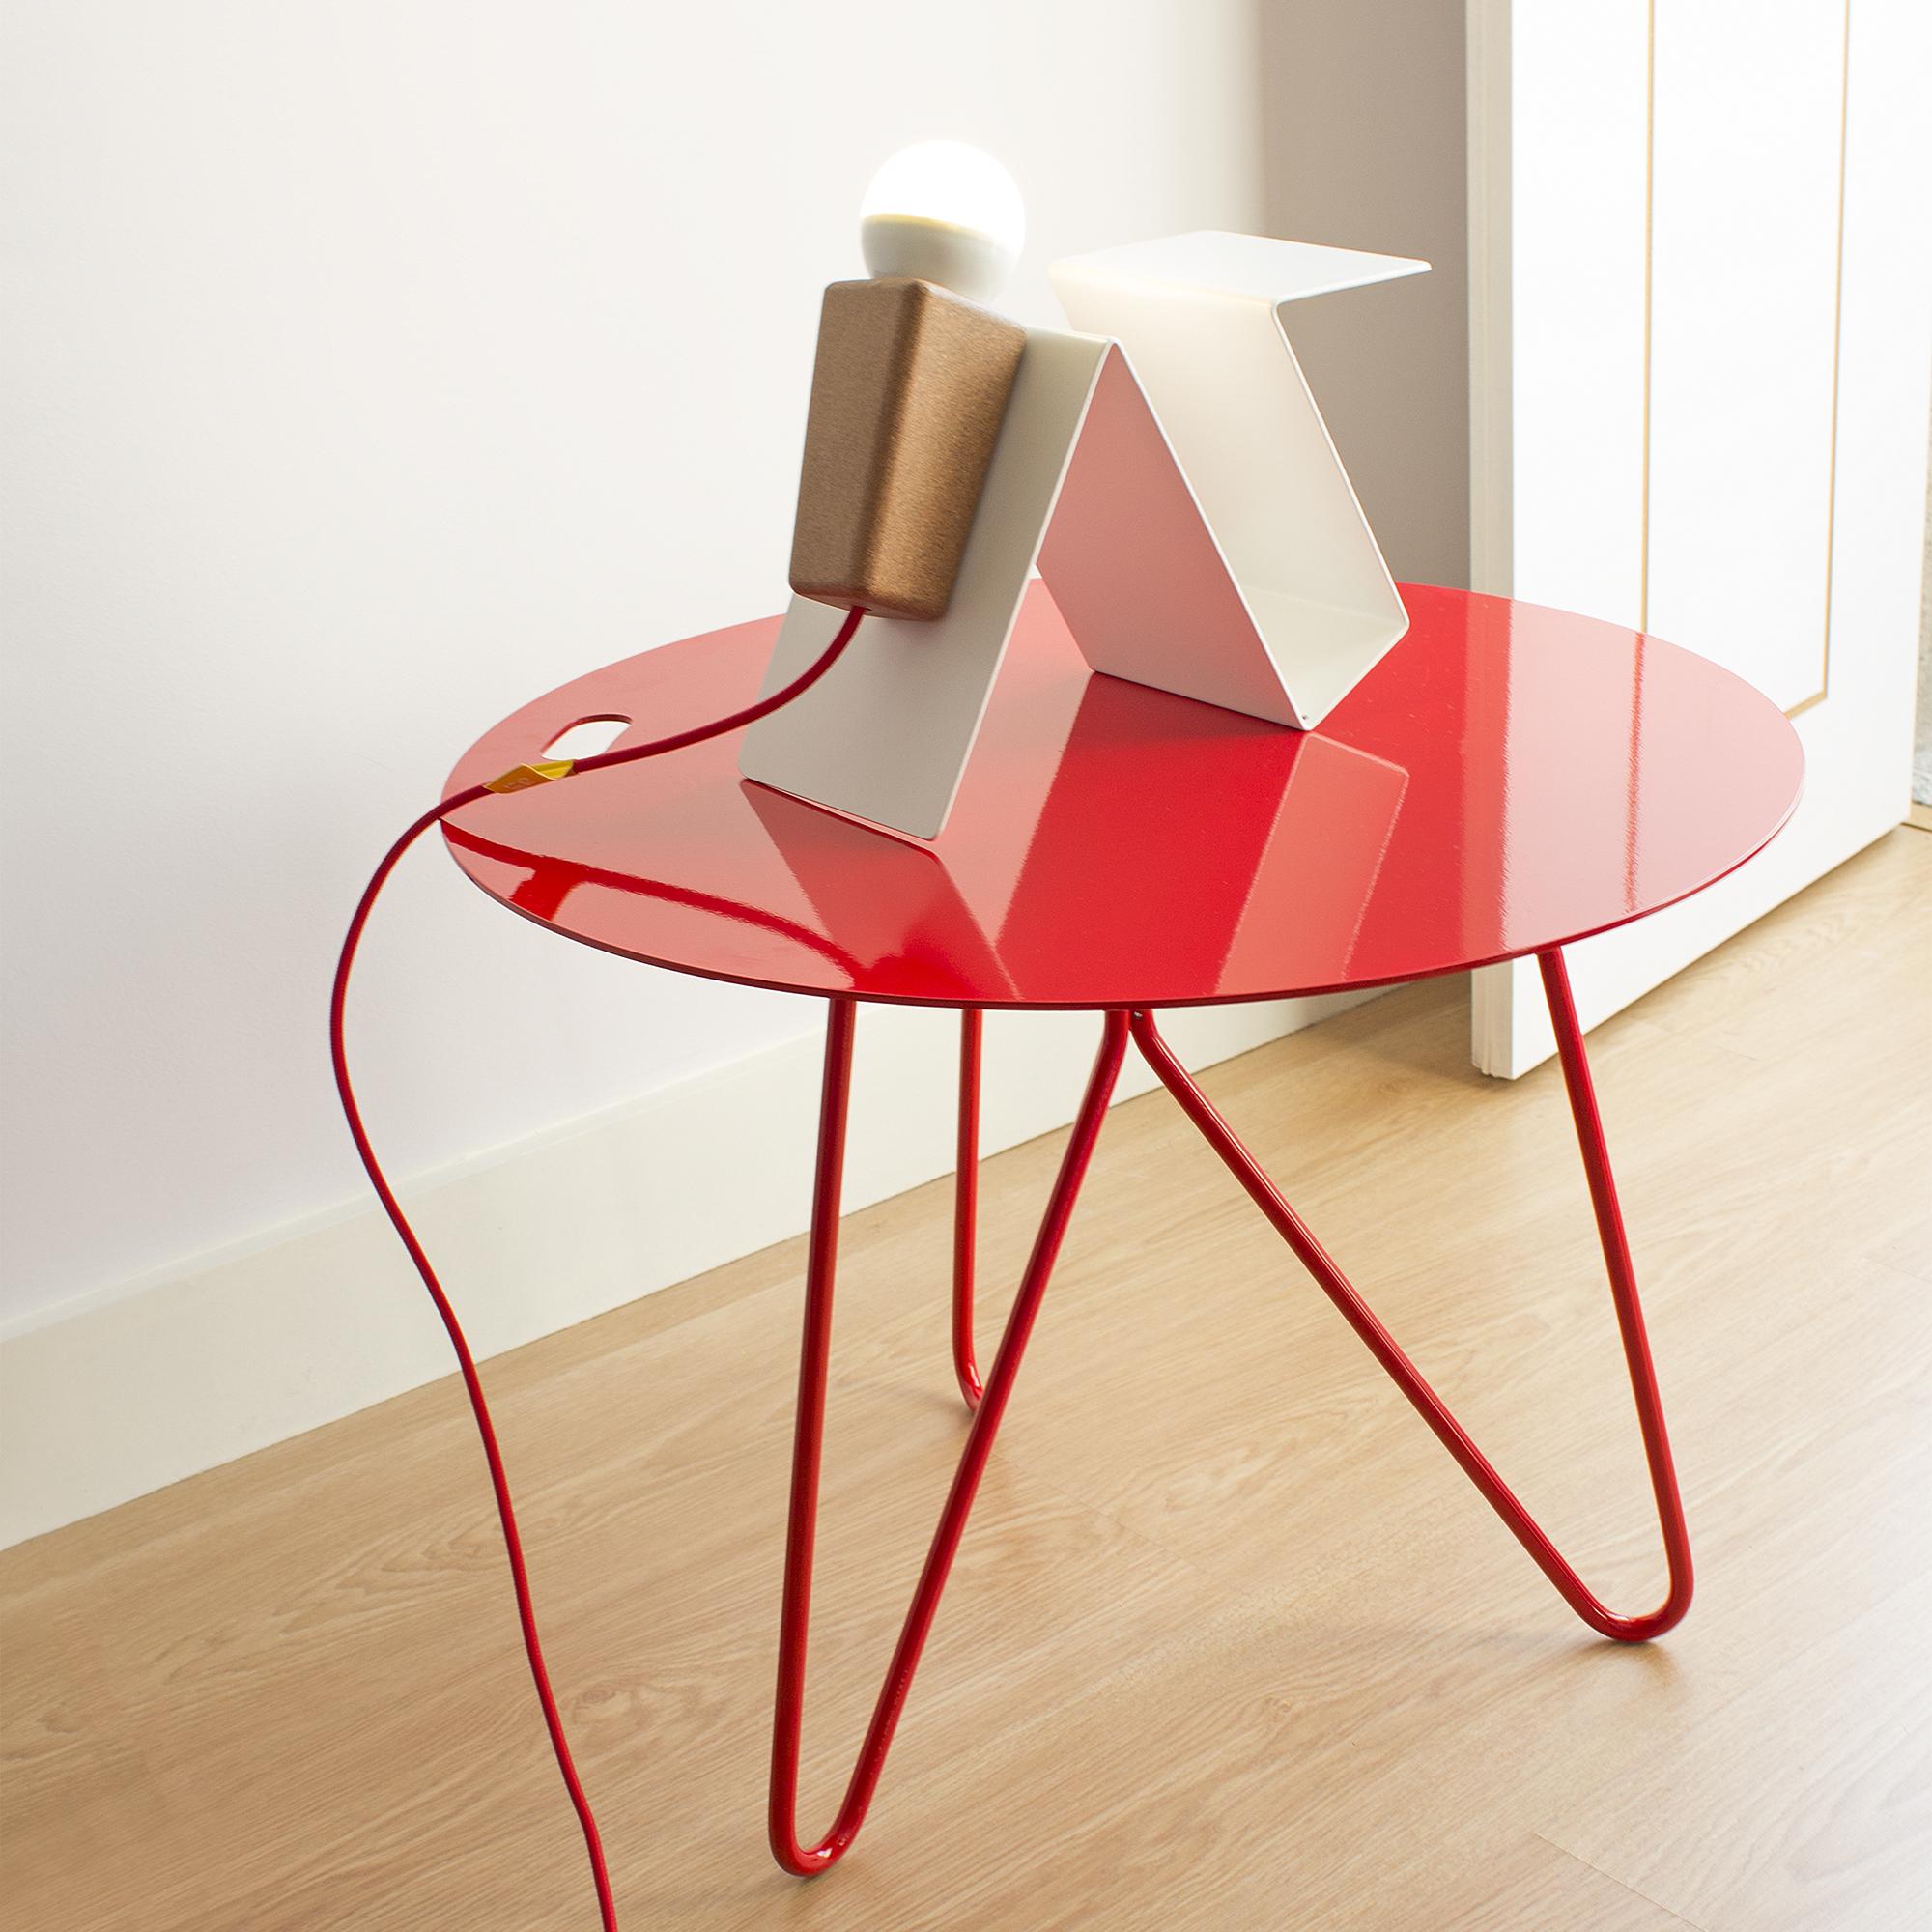 'Seis' outdoor or indoor table - This table can be placed inside our outside your home! And 'Glint' lamp #3 white base and red cable.Esta mesa pode ser usada dentro ou fora de casa! E o candeeiro 'Glint' #3 de base branca e fio vermelho.